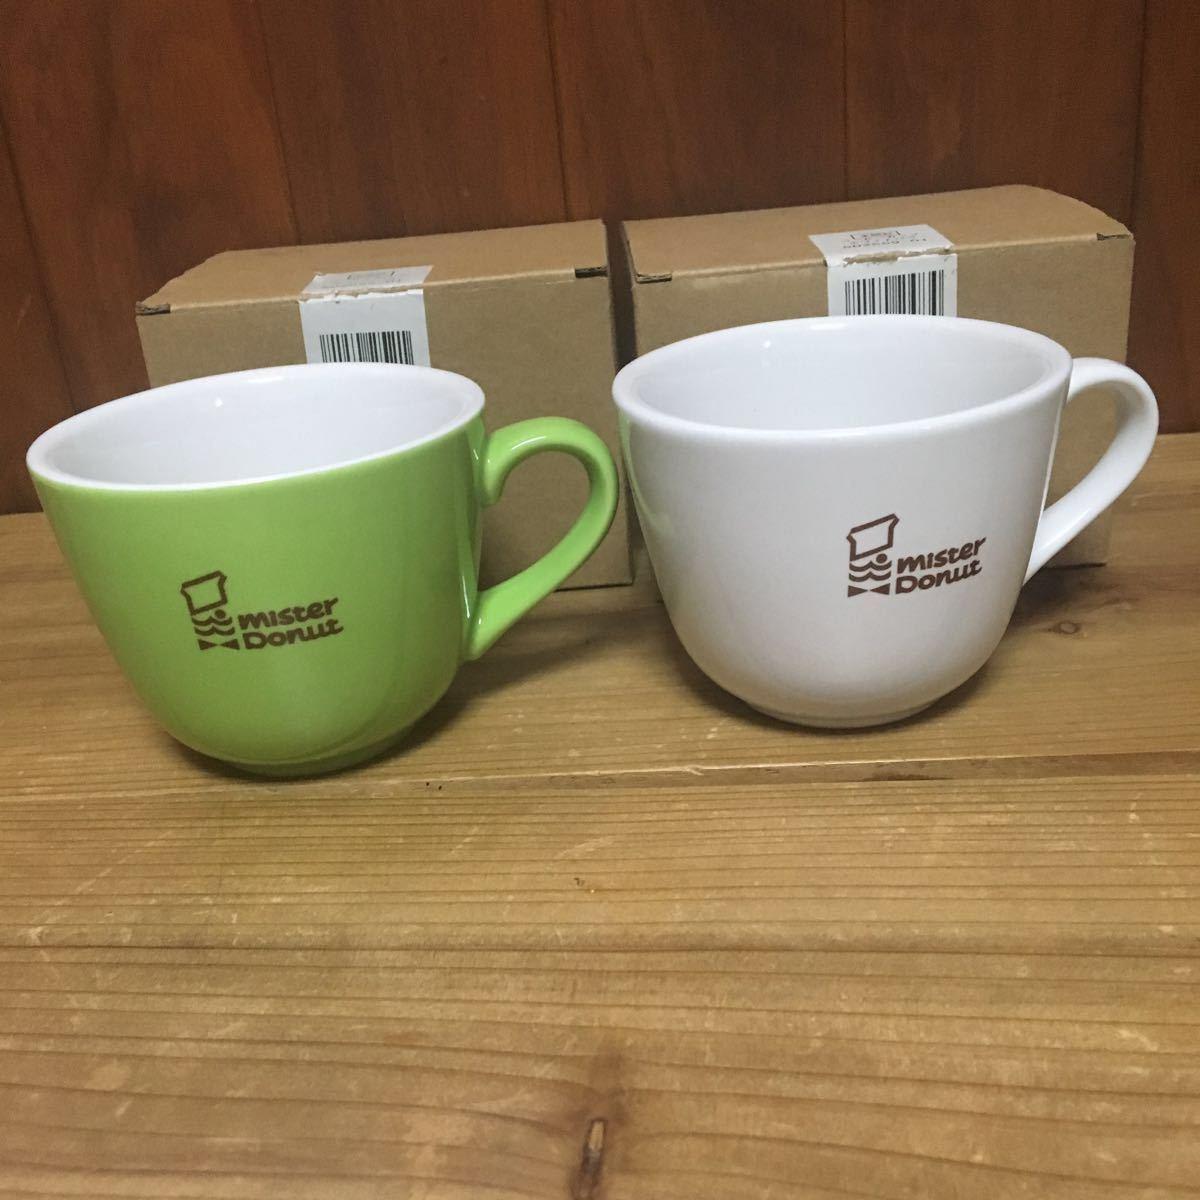 未使用 陶器製 ミスタードーナツ マグカップ 2個 セット 検索 ミスド ドーナッツ 非売品 グッズ 企業物 ノベルティ マグ コップ